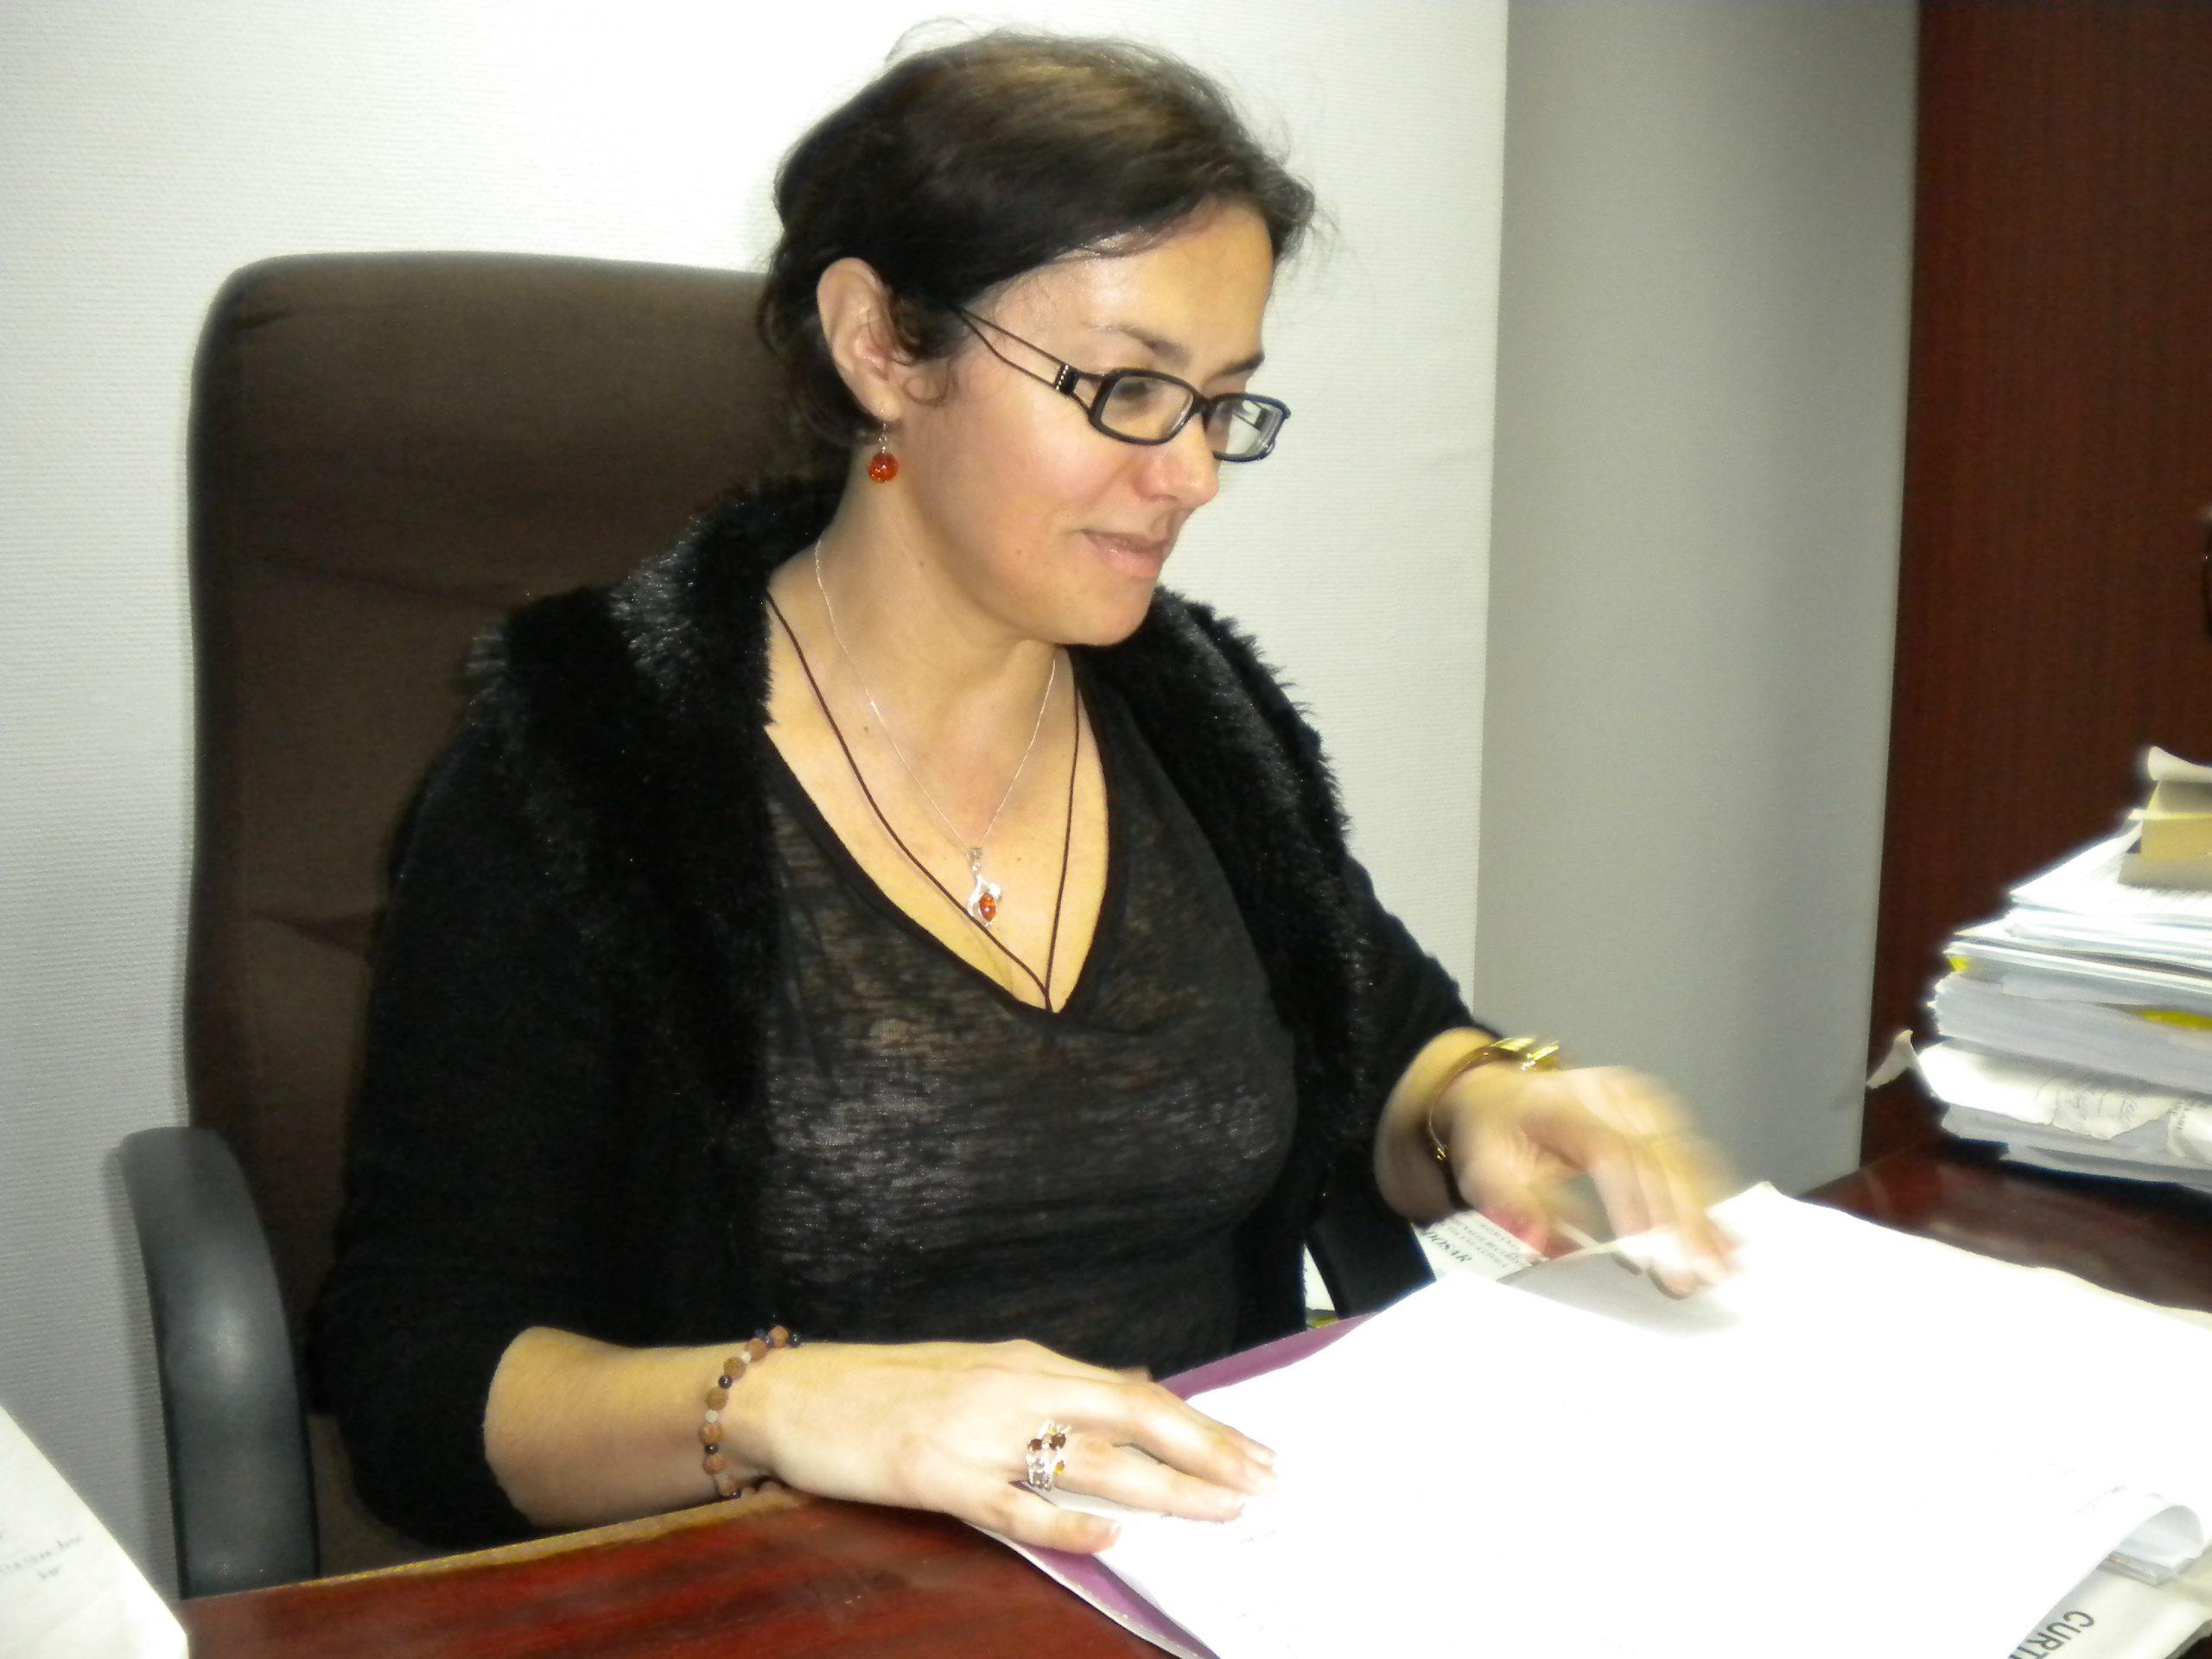 Judecătoarea Mădălina Afrăsinie a prezentat într-un interviu contextul în care are loc protestul magistraților